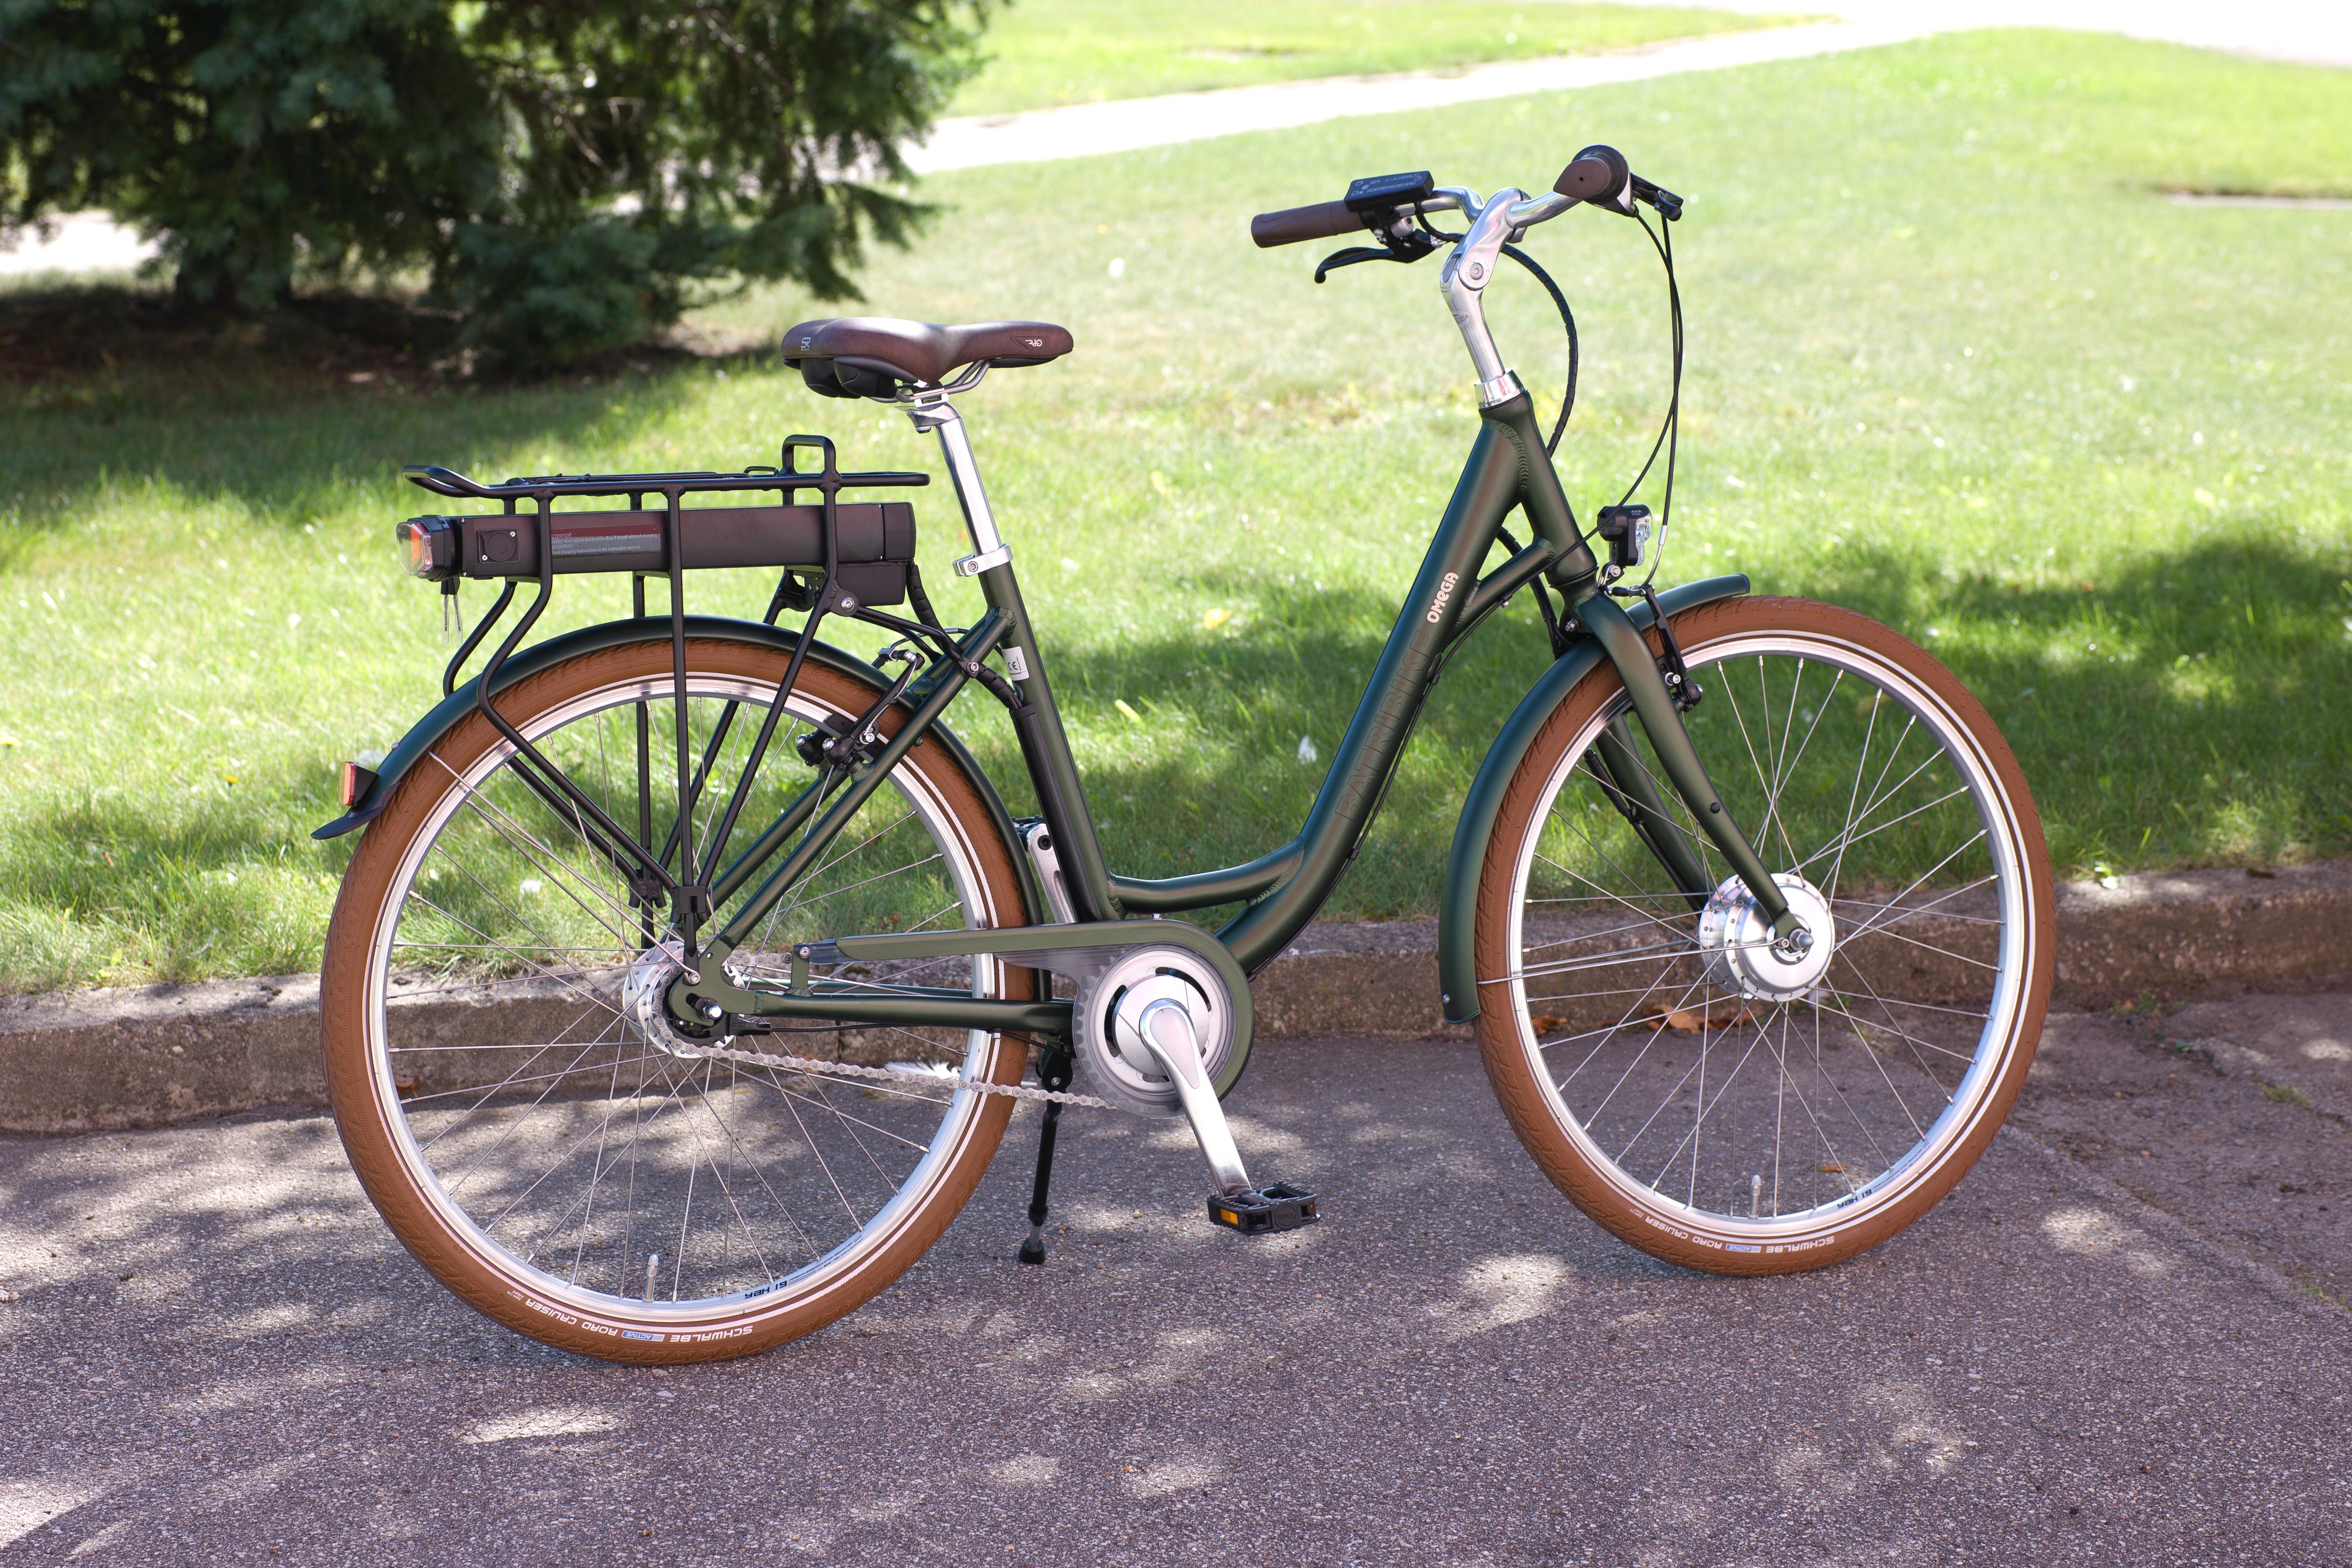 Omega electric bike